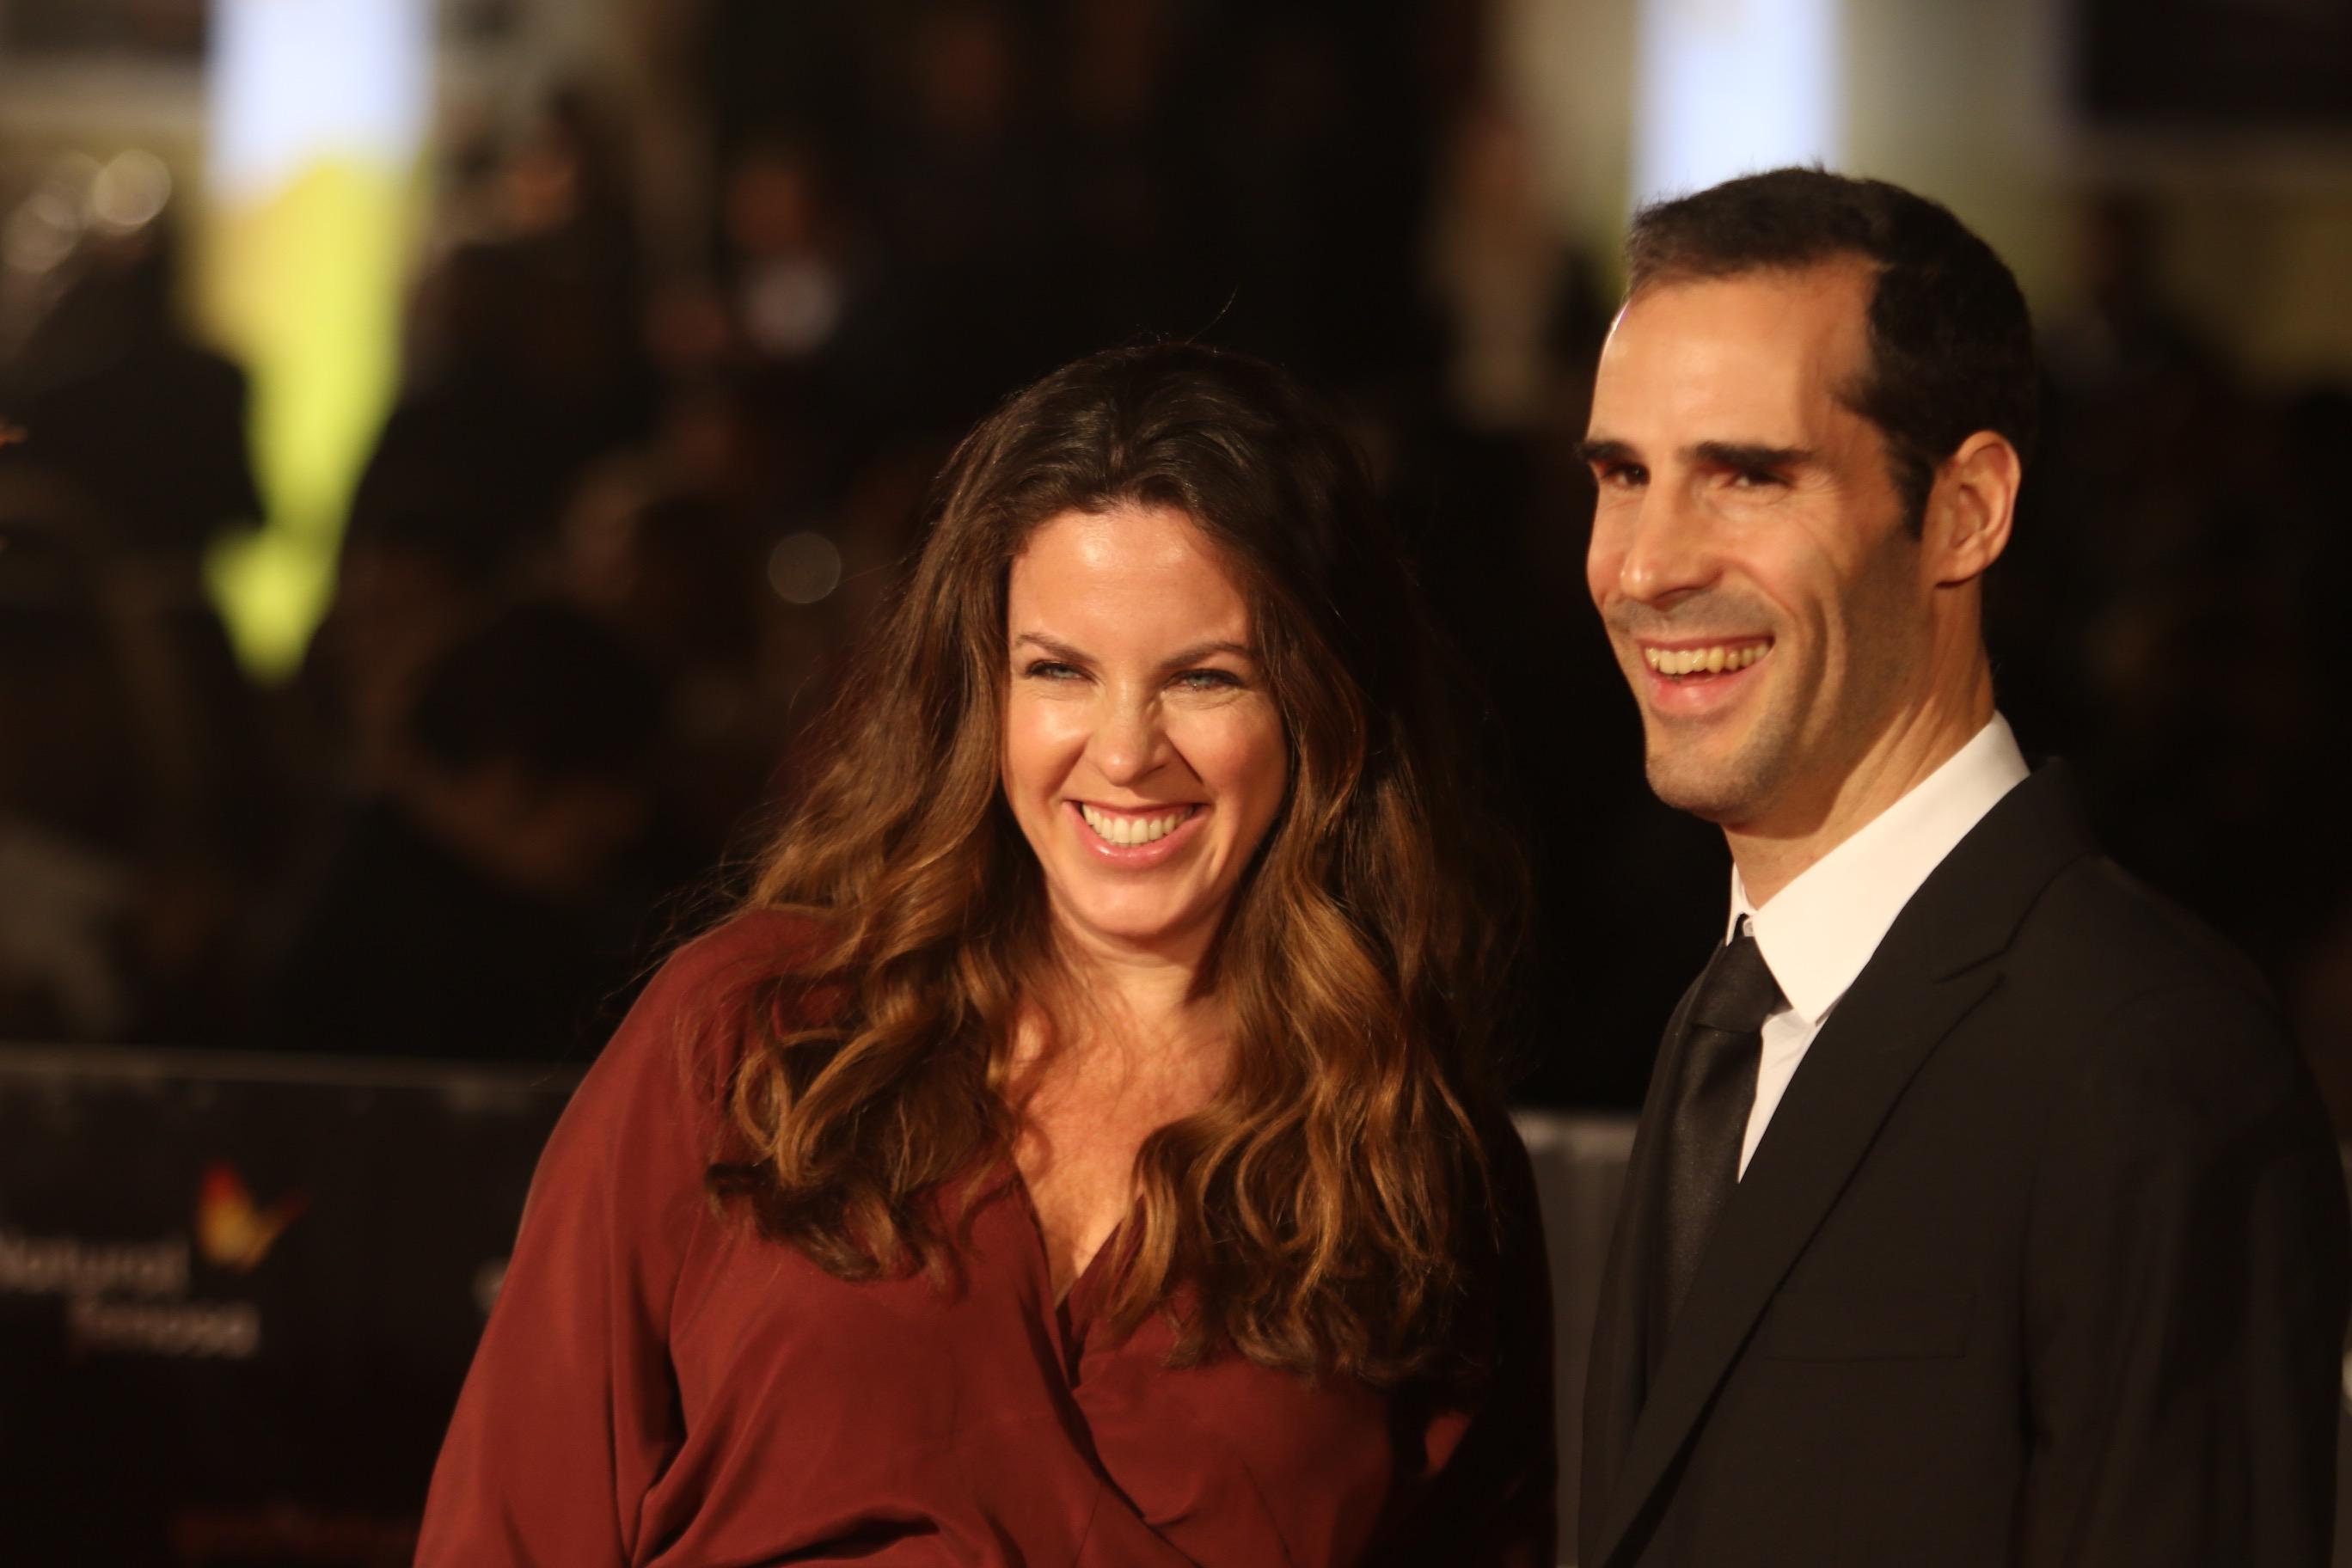 Entrega del Premio Eloy de la Iglesia - La Opinión de Málaga a la directora Claudia Llosa,sobrina de Vargas LLosa en el 20 festival de cine de Málaga